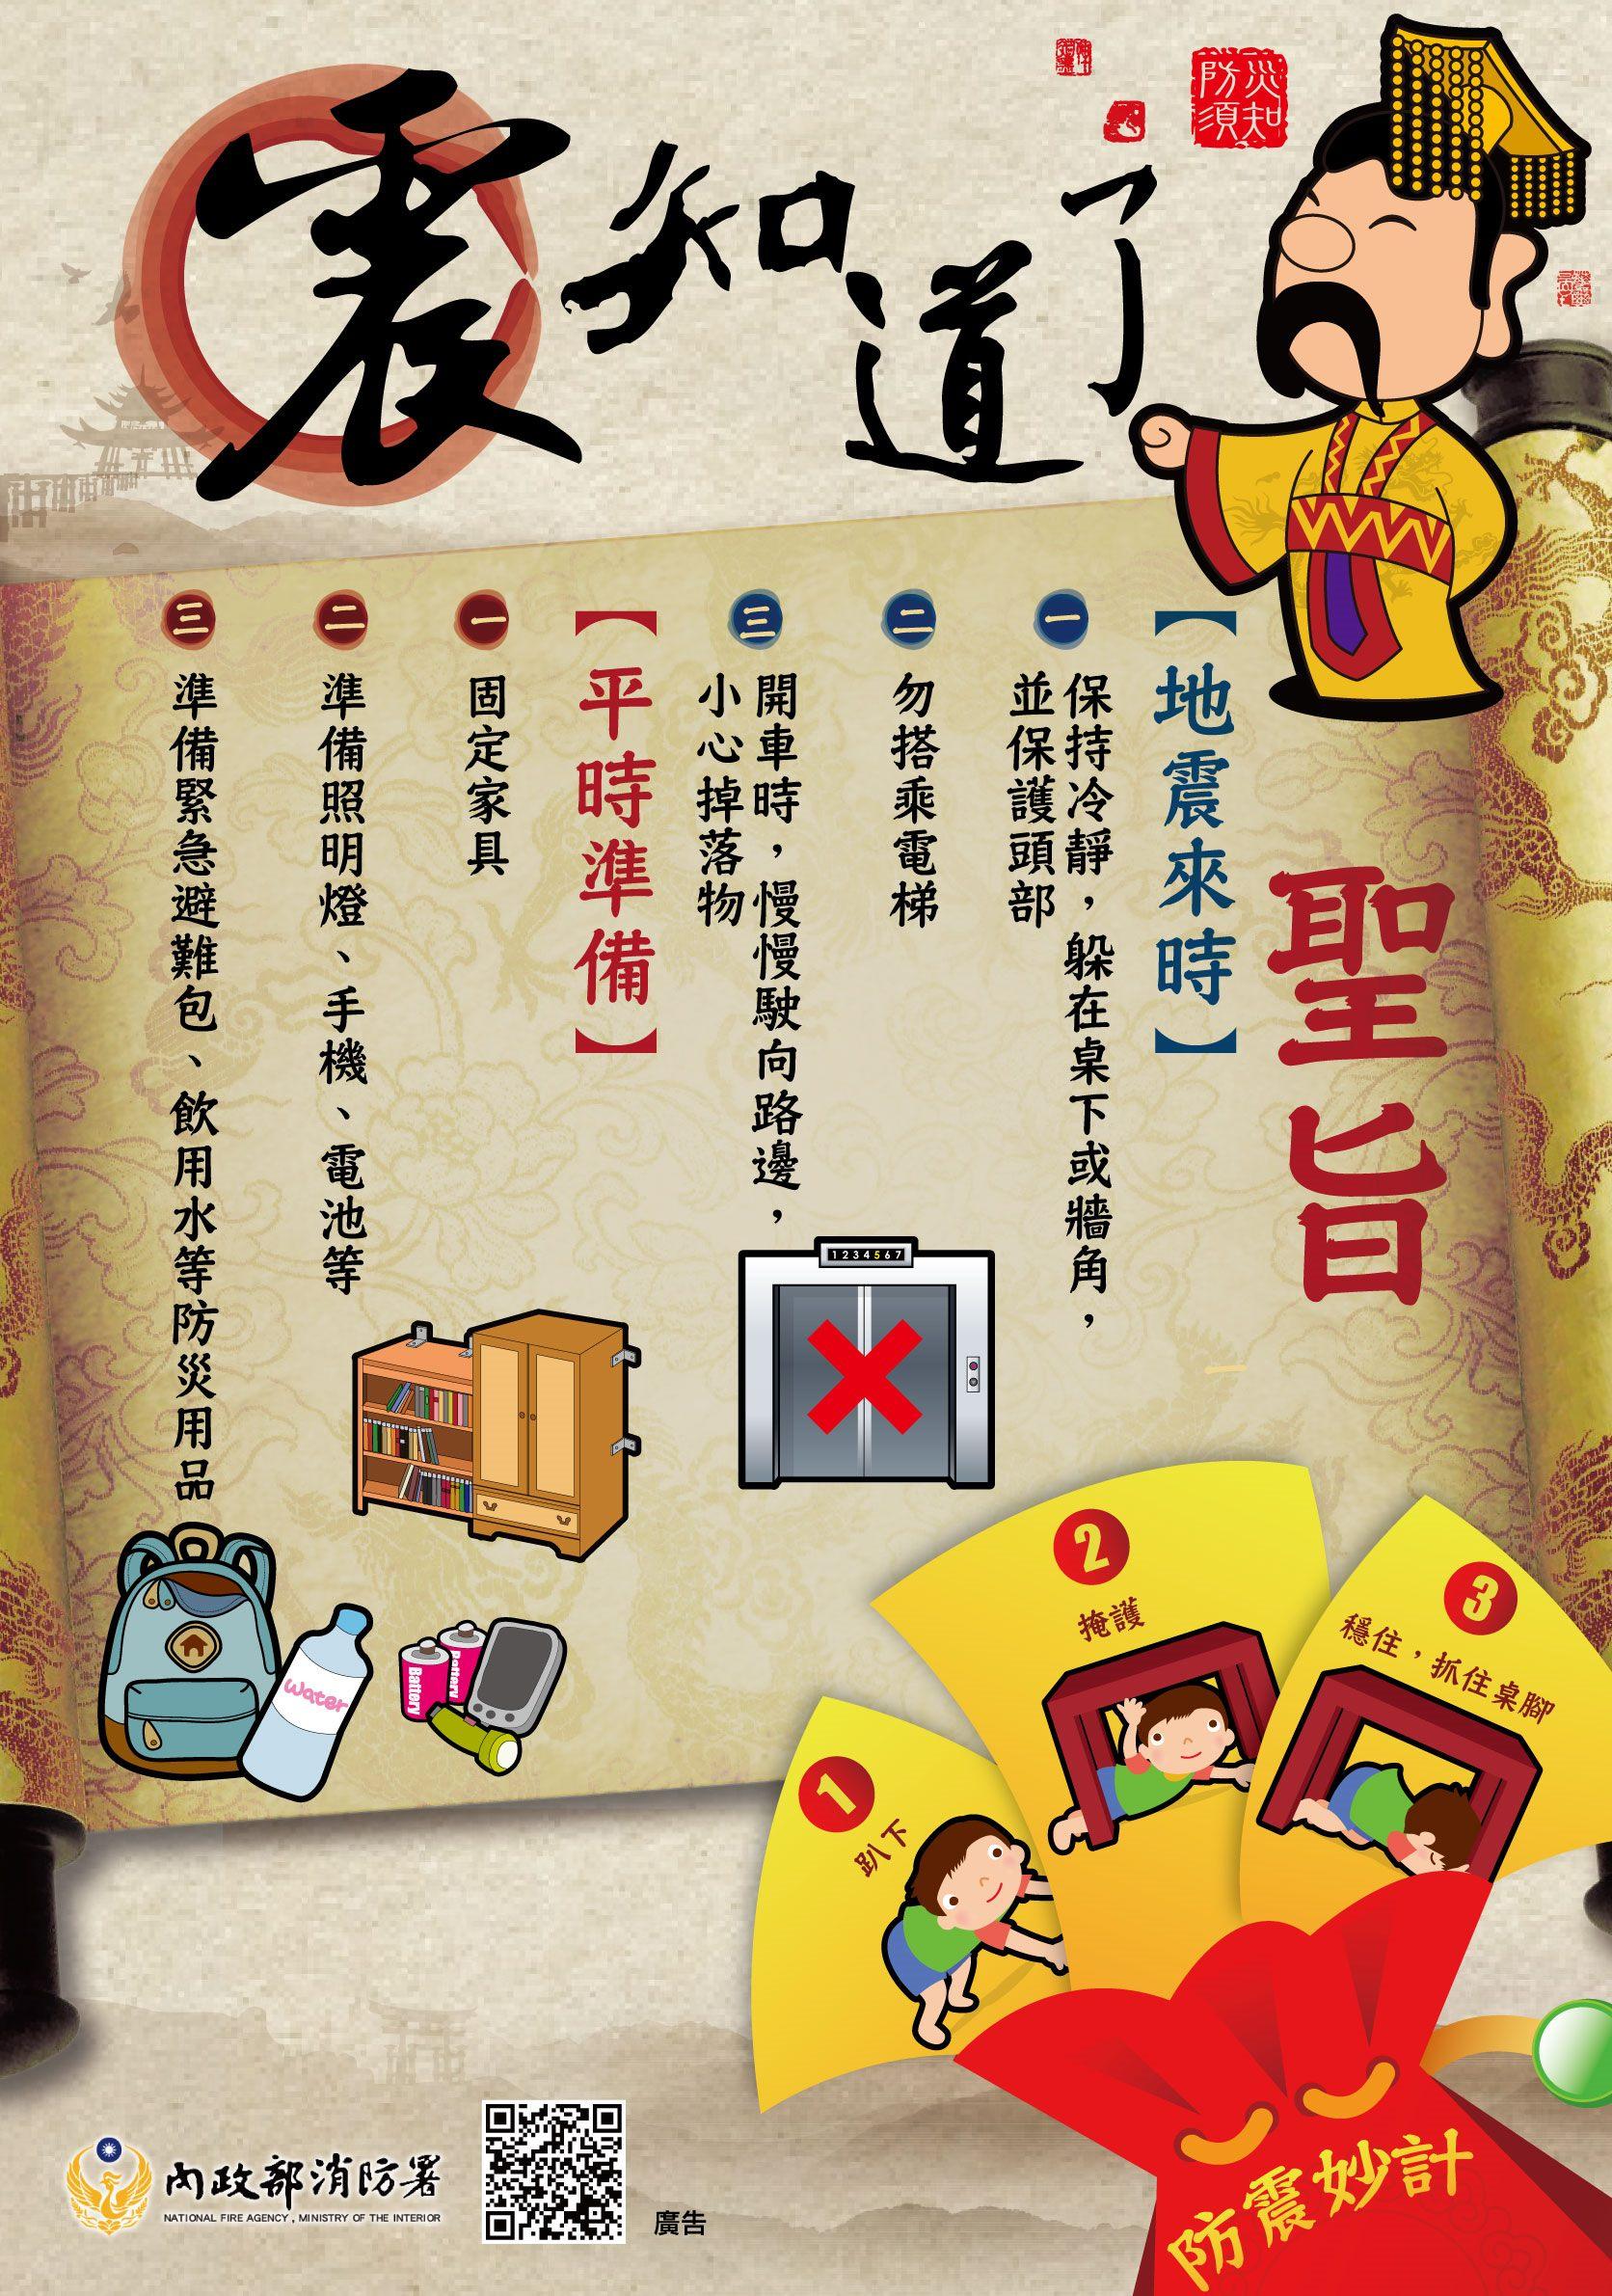 2.地震平時與災時注意事項(中文)